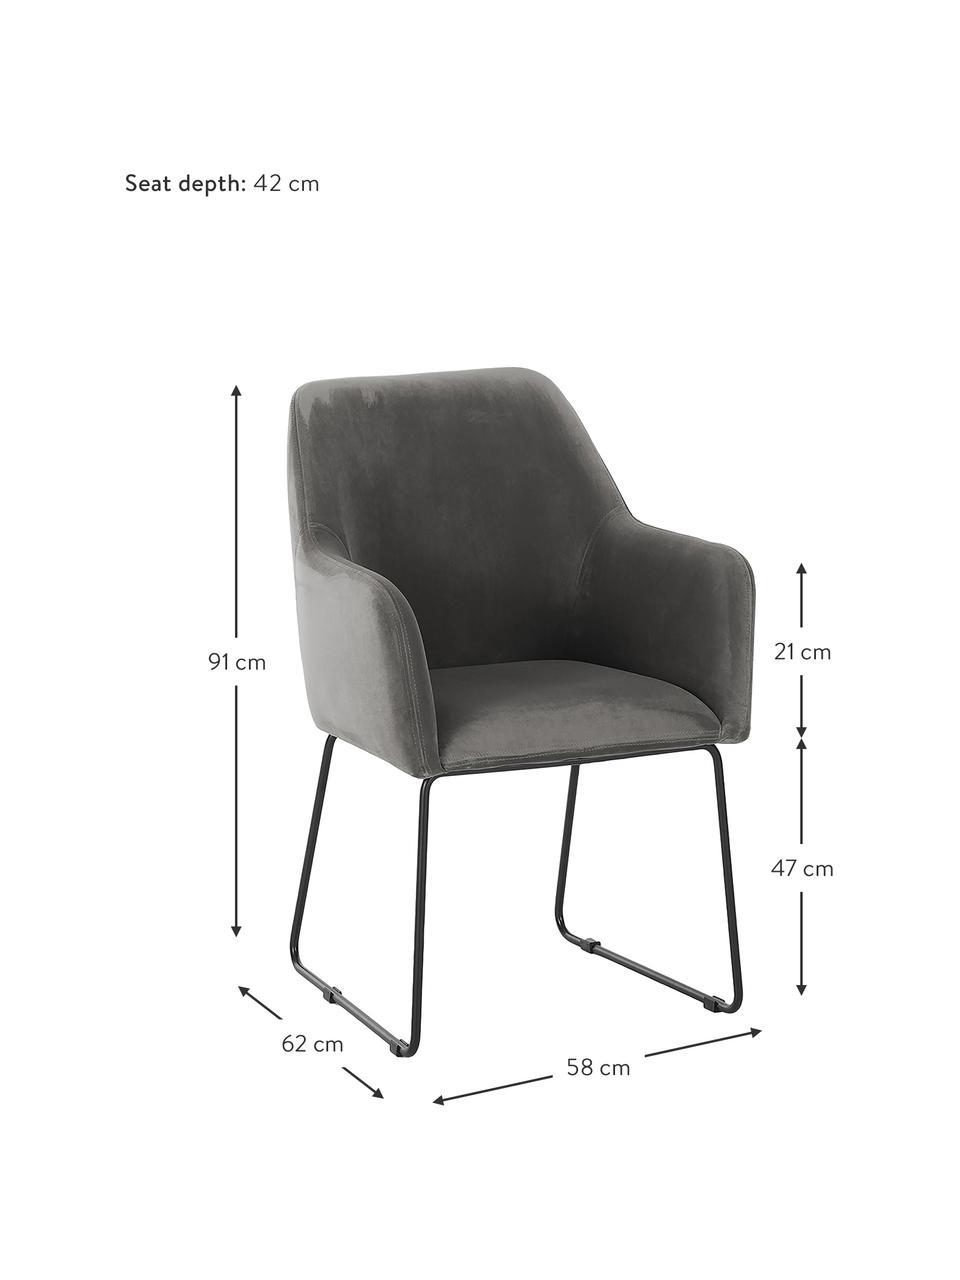 Krzesło z podłokietnikami z aksamitu Isla, Tapicerka: poliester Dzięki tkaninie, Nogi: metal malowany proszkowo, Aksamitny szary kamienny, czarny, S 58 x G 62 cm